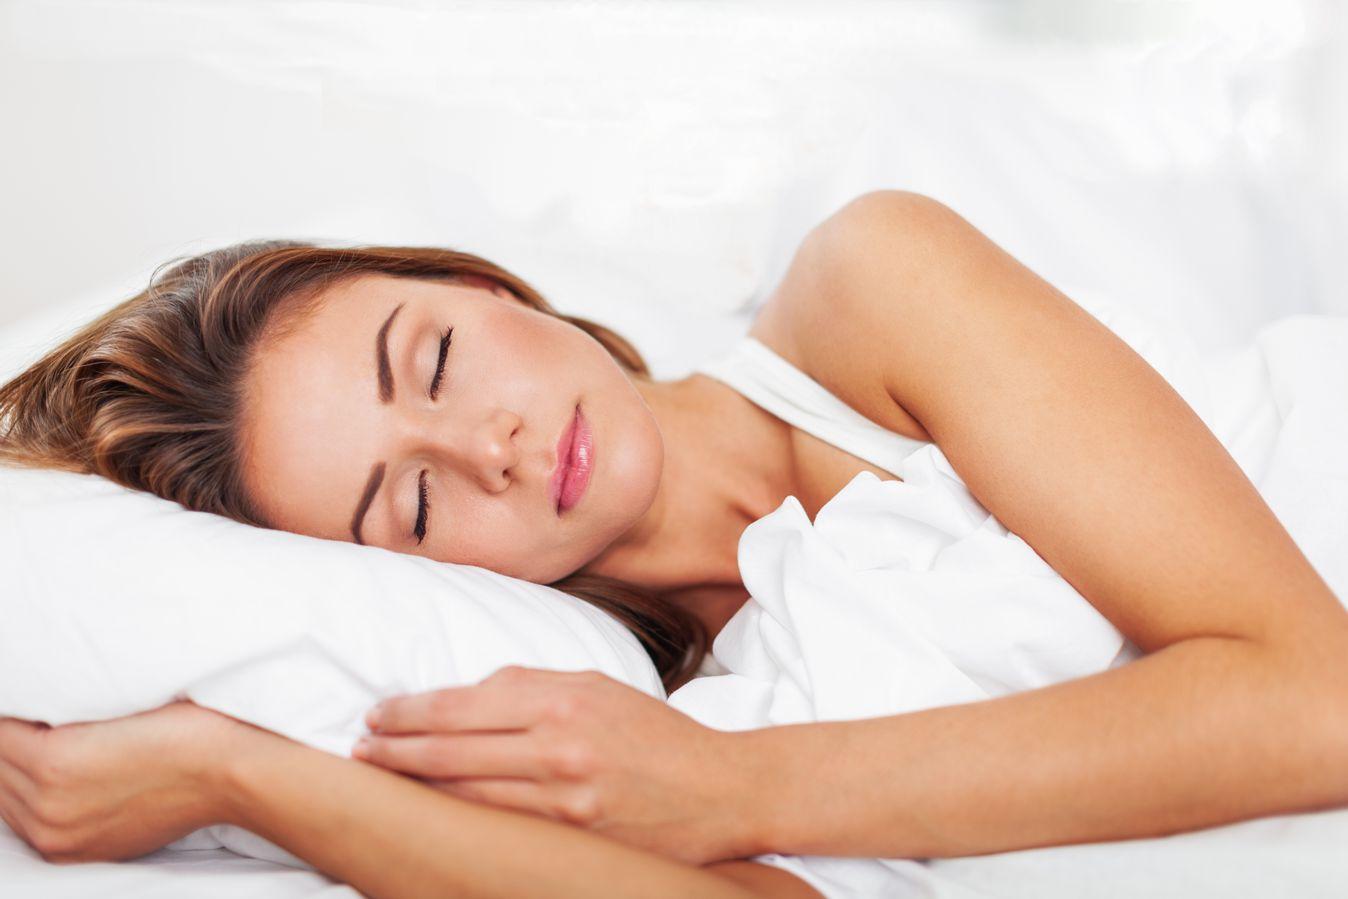 danke f r ihre matratzen empfehlungen wir bieten den perfekten schlaf. Black Bedroom Furniture Sets. Home Design Ideas